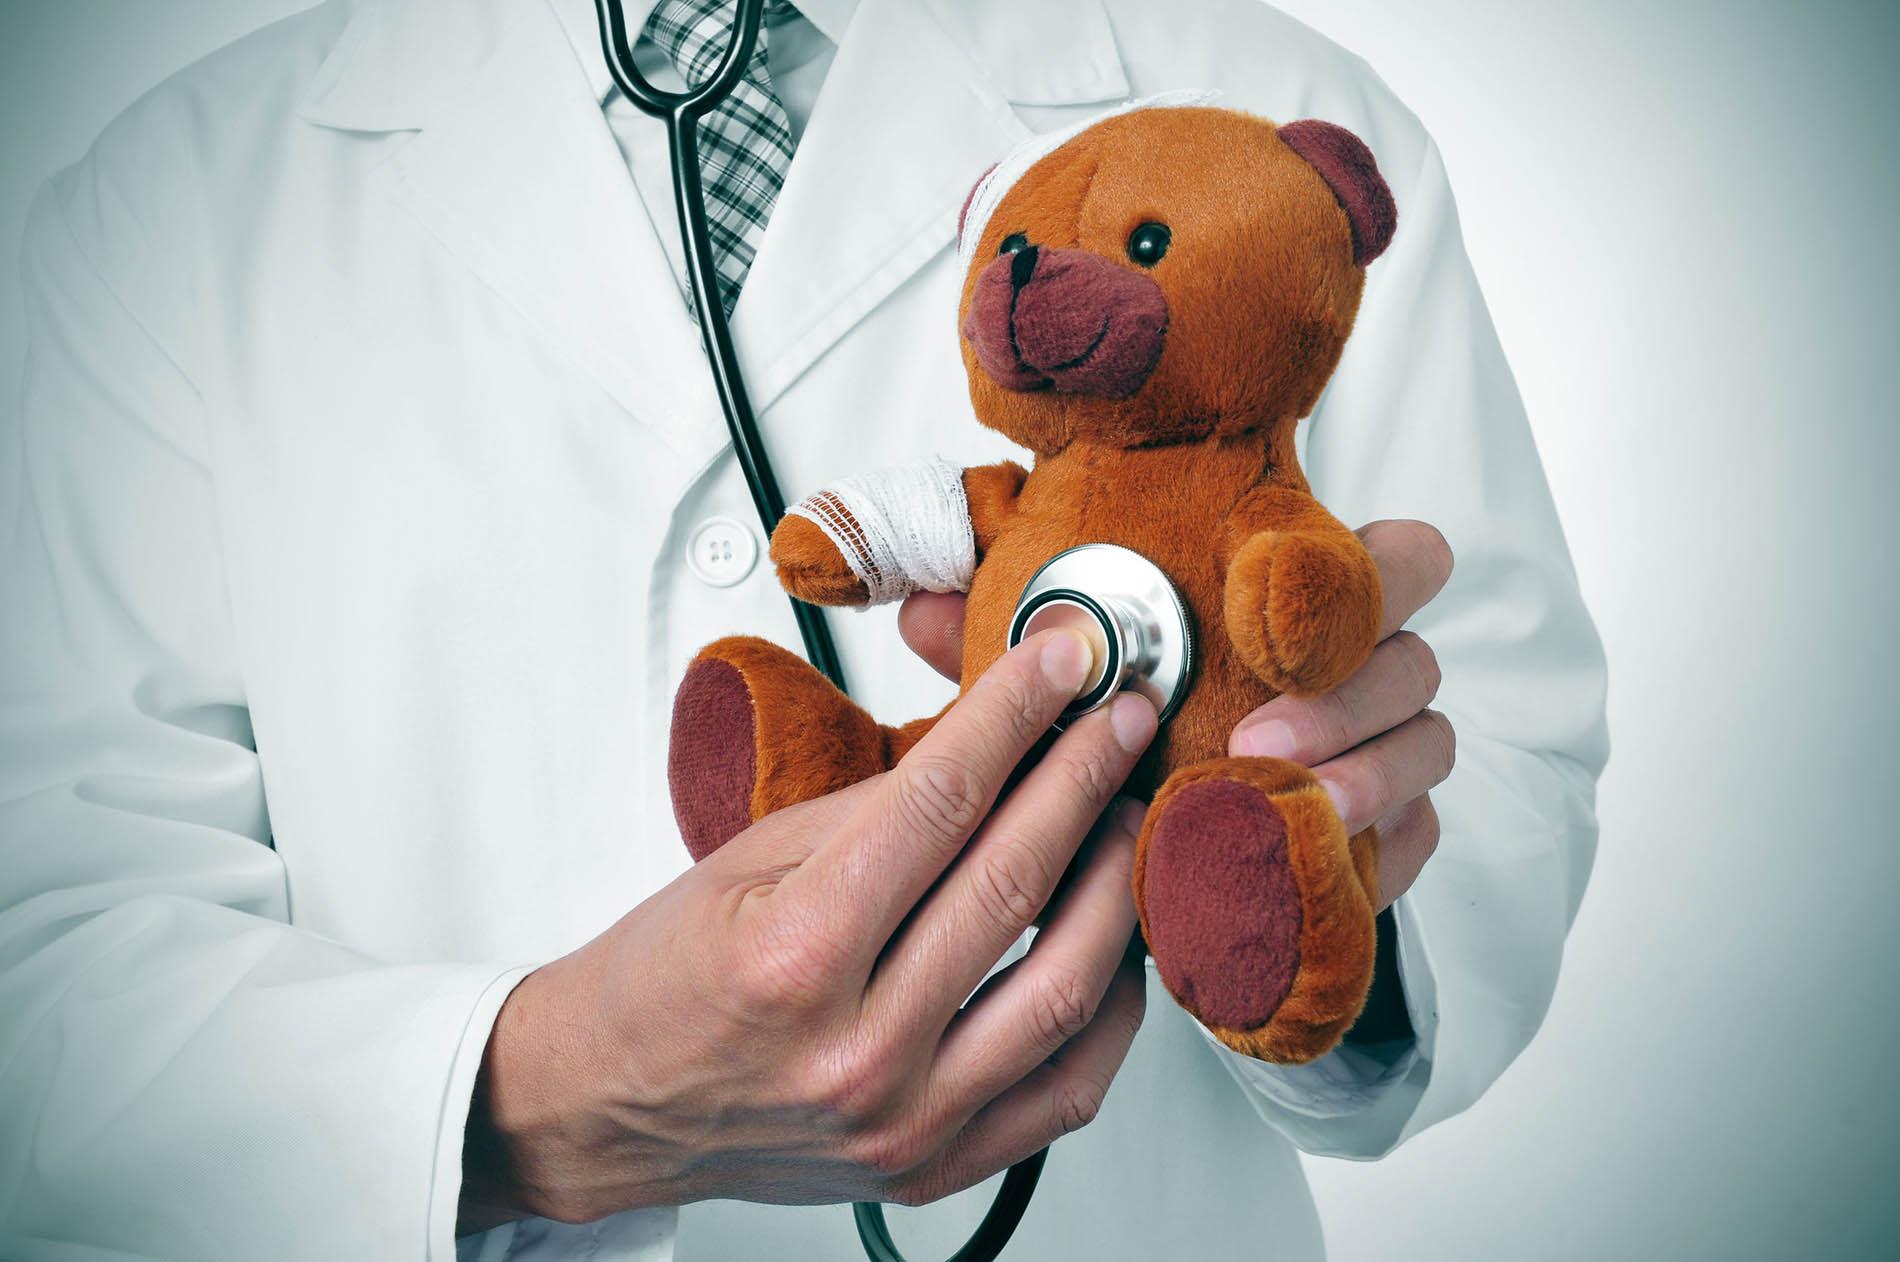 Centro Chirurgico Fiducia